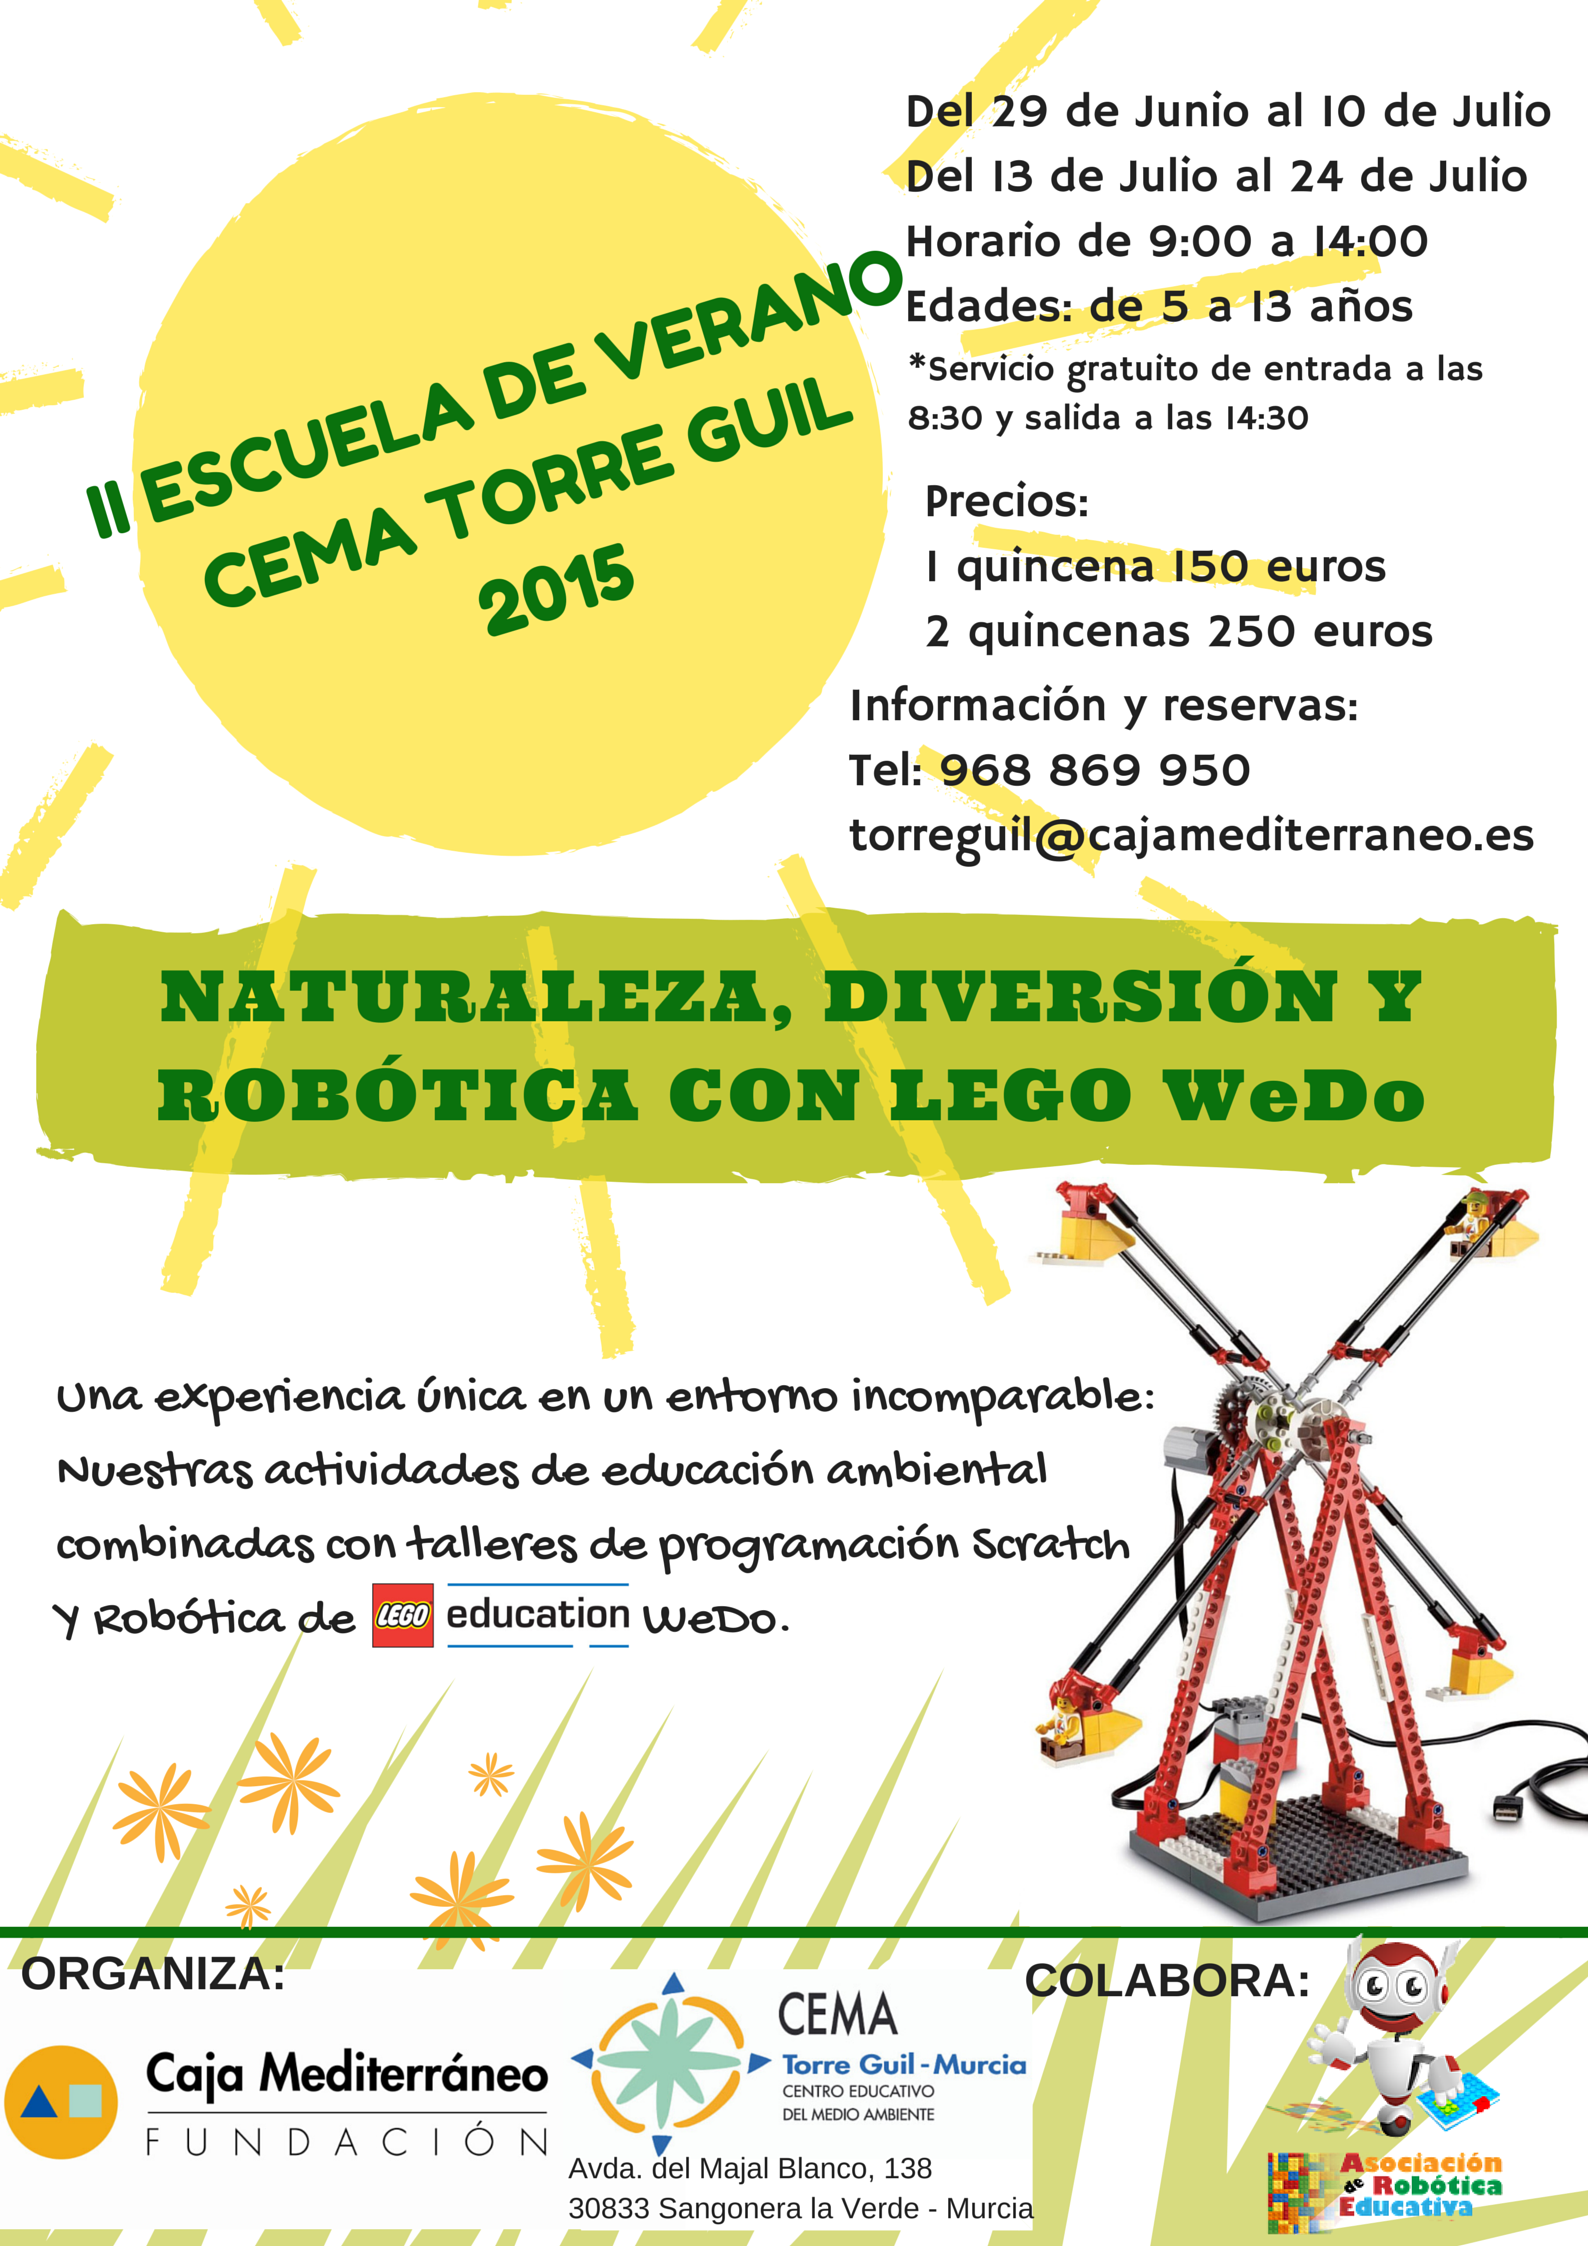 Escuela de Verano de naturaleza y robótica en el CEMA Torre Guil